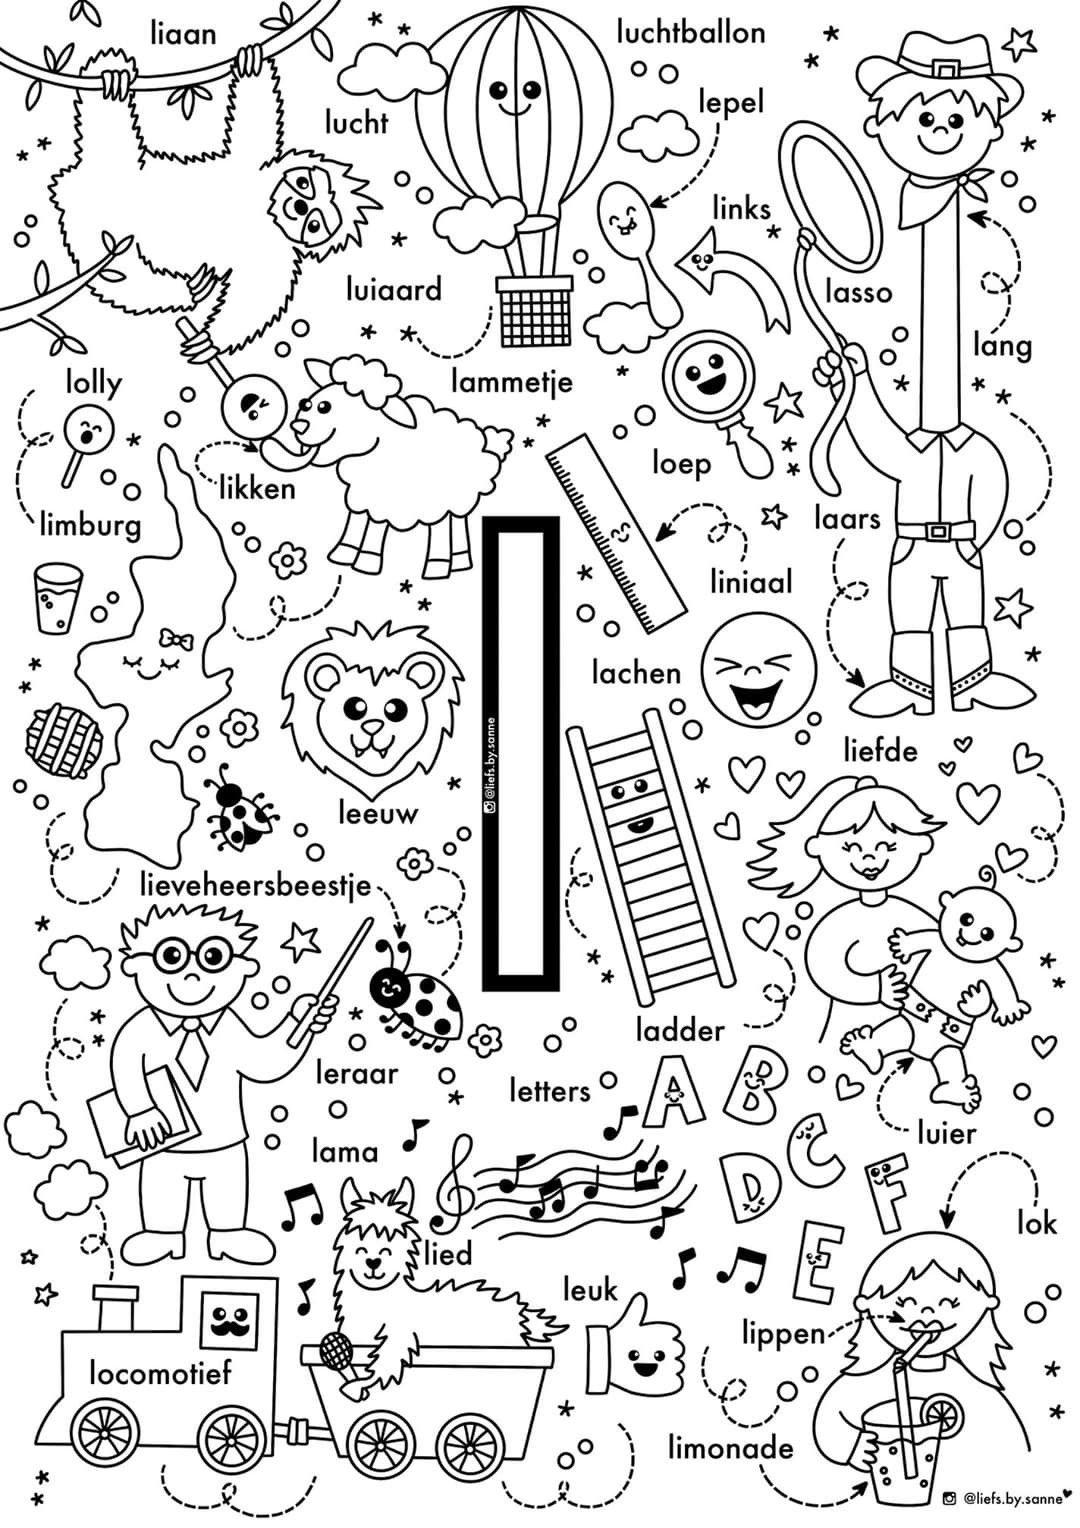 L Woorden Kleurplaat Letterherkenning Alfabet Kleurplaten Letterherkenning Spelletjes